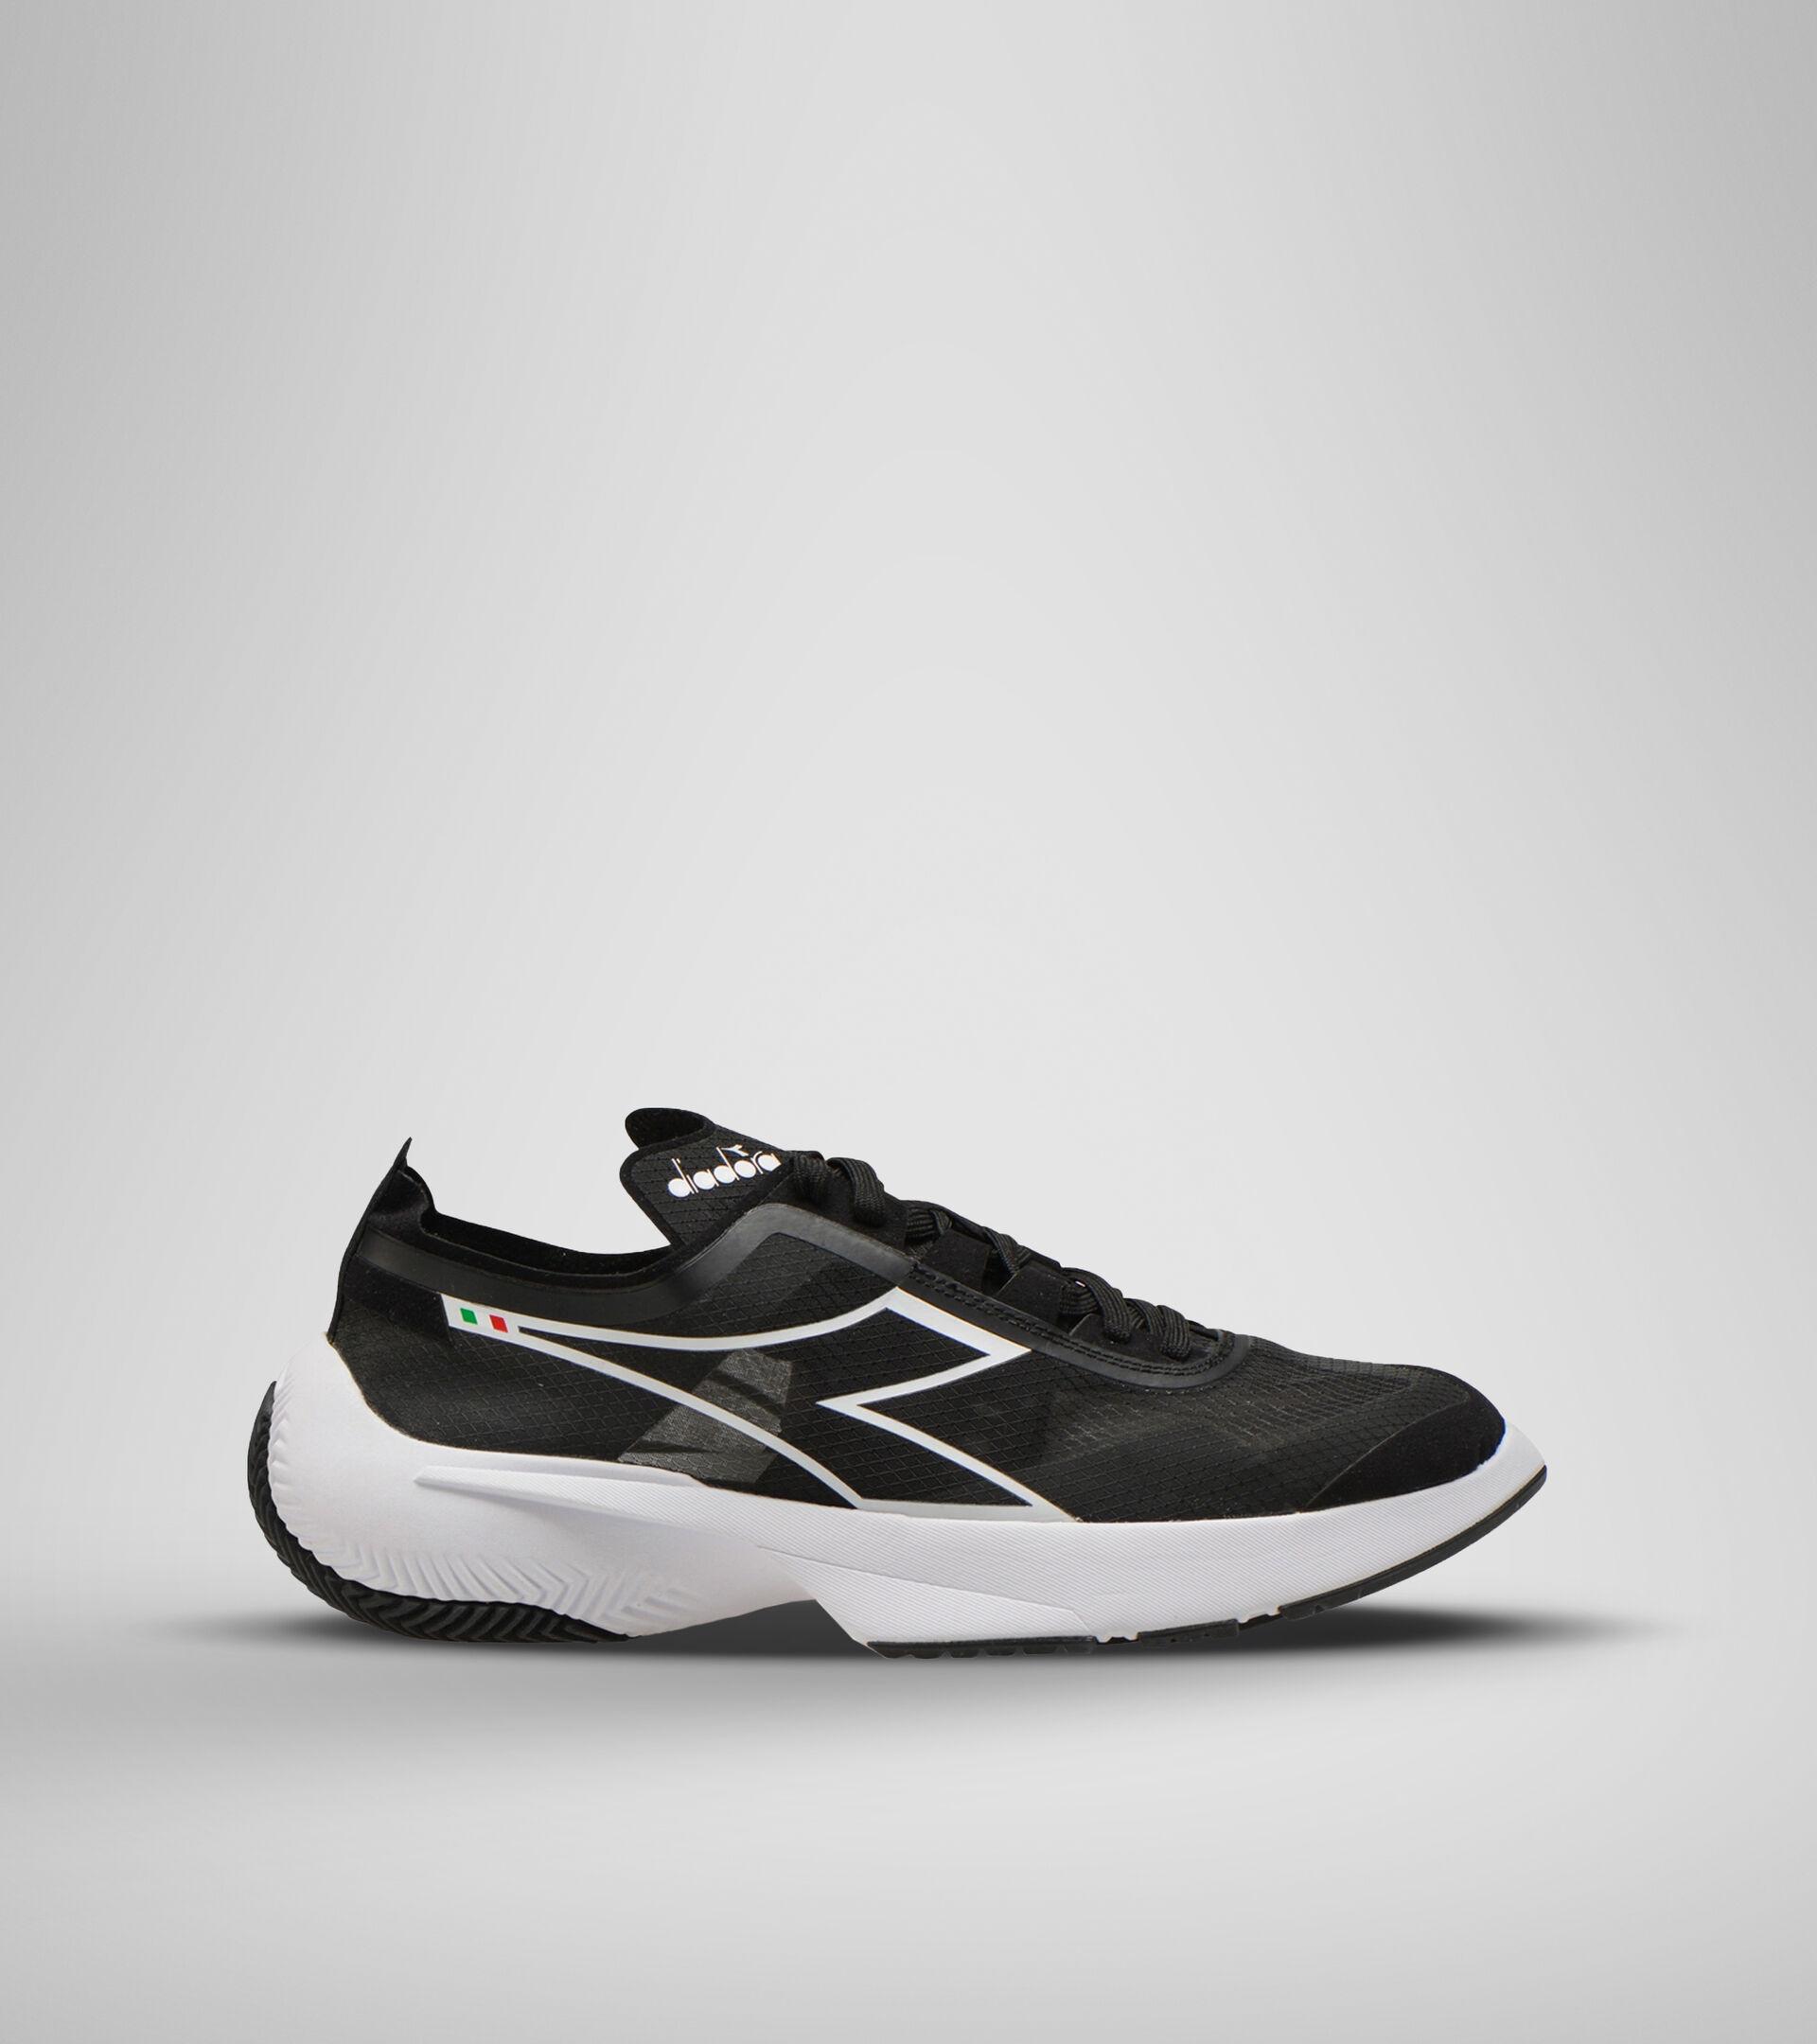 Footwear Sportswear UNISEX URBAN EQUIPE BLACK Diadora